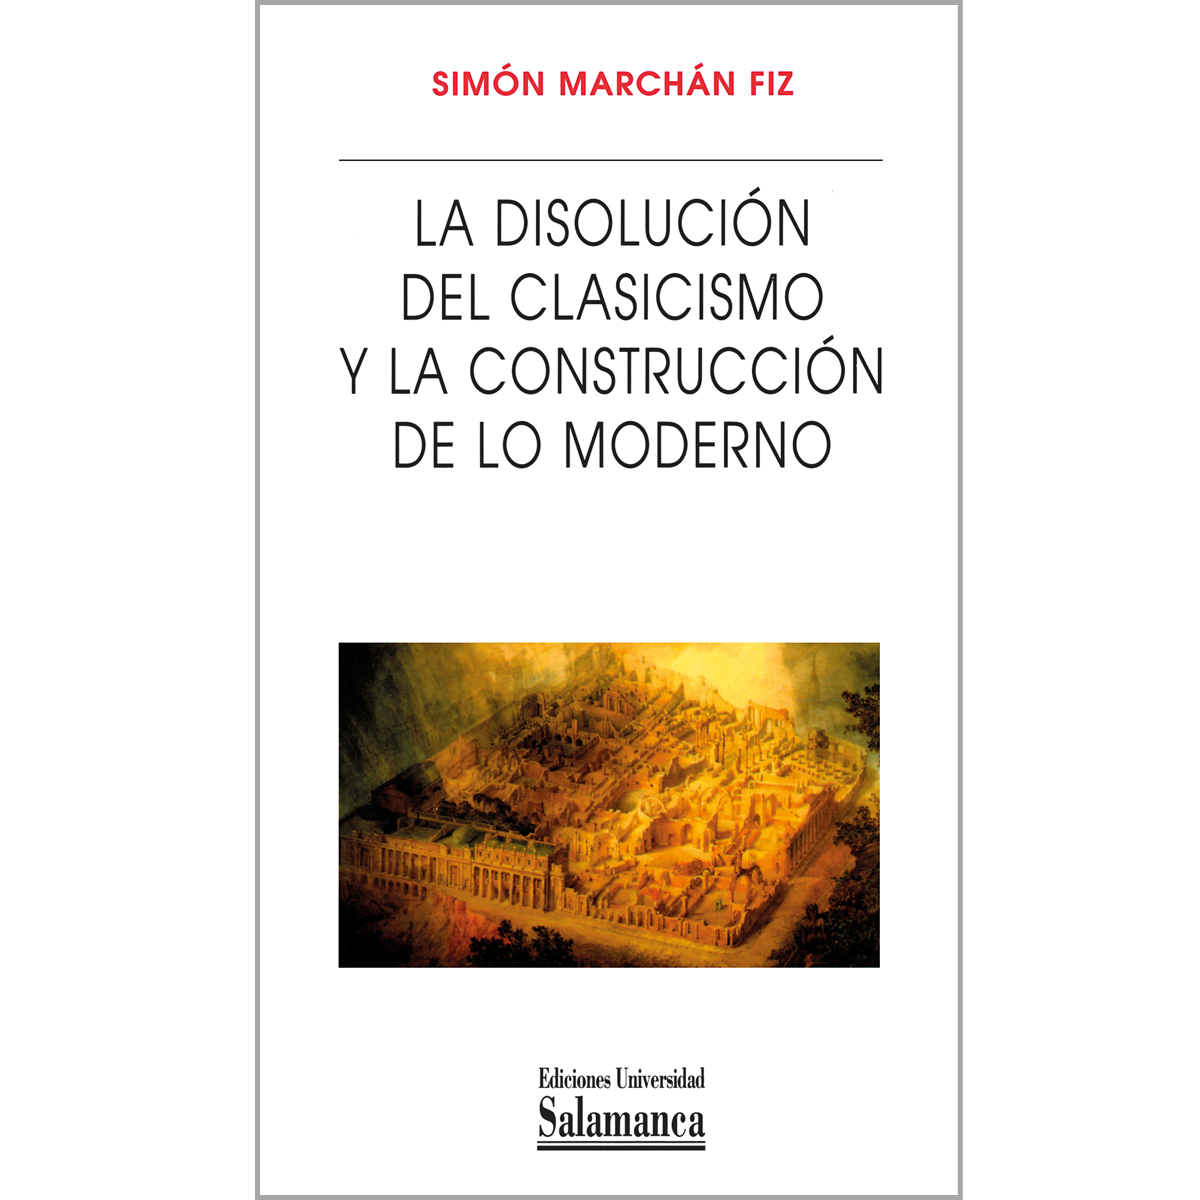 La disolución del clasicismo y la construcción de lo moderno